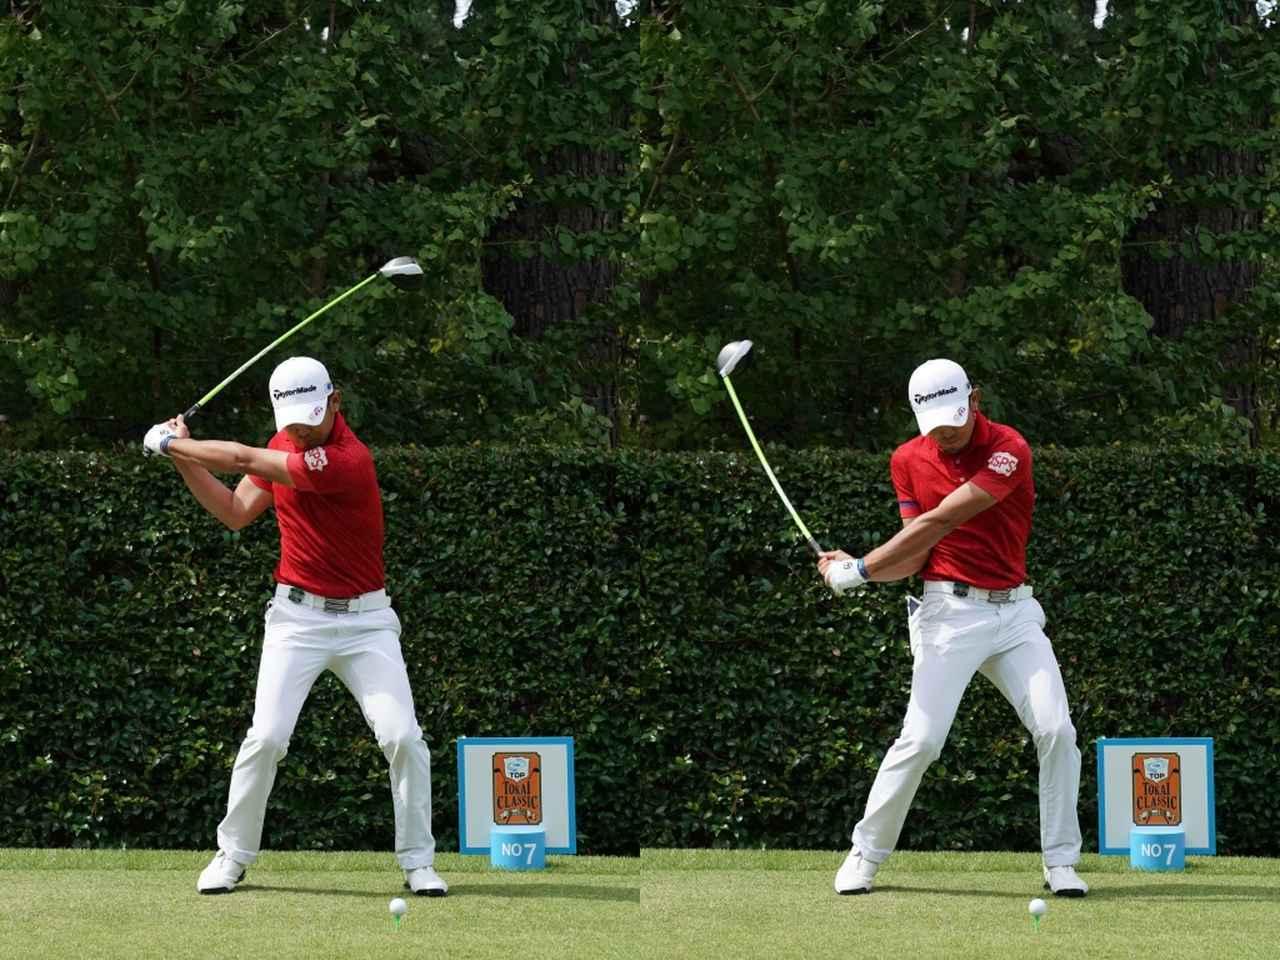 画像: 写真B:切り返しでも重心移動は少なく、その場で下半身を切っていく